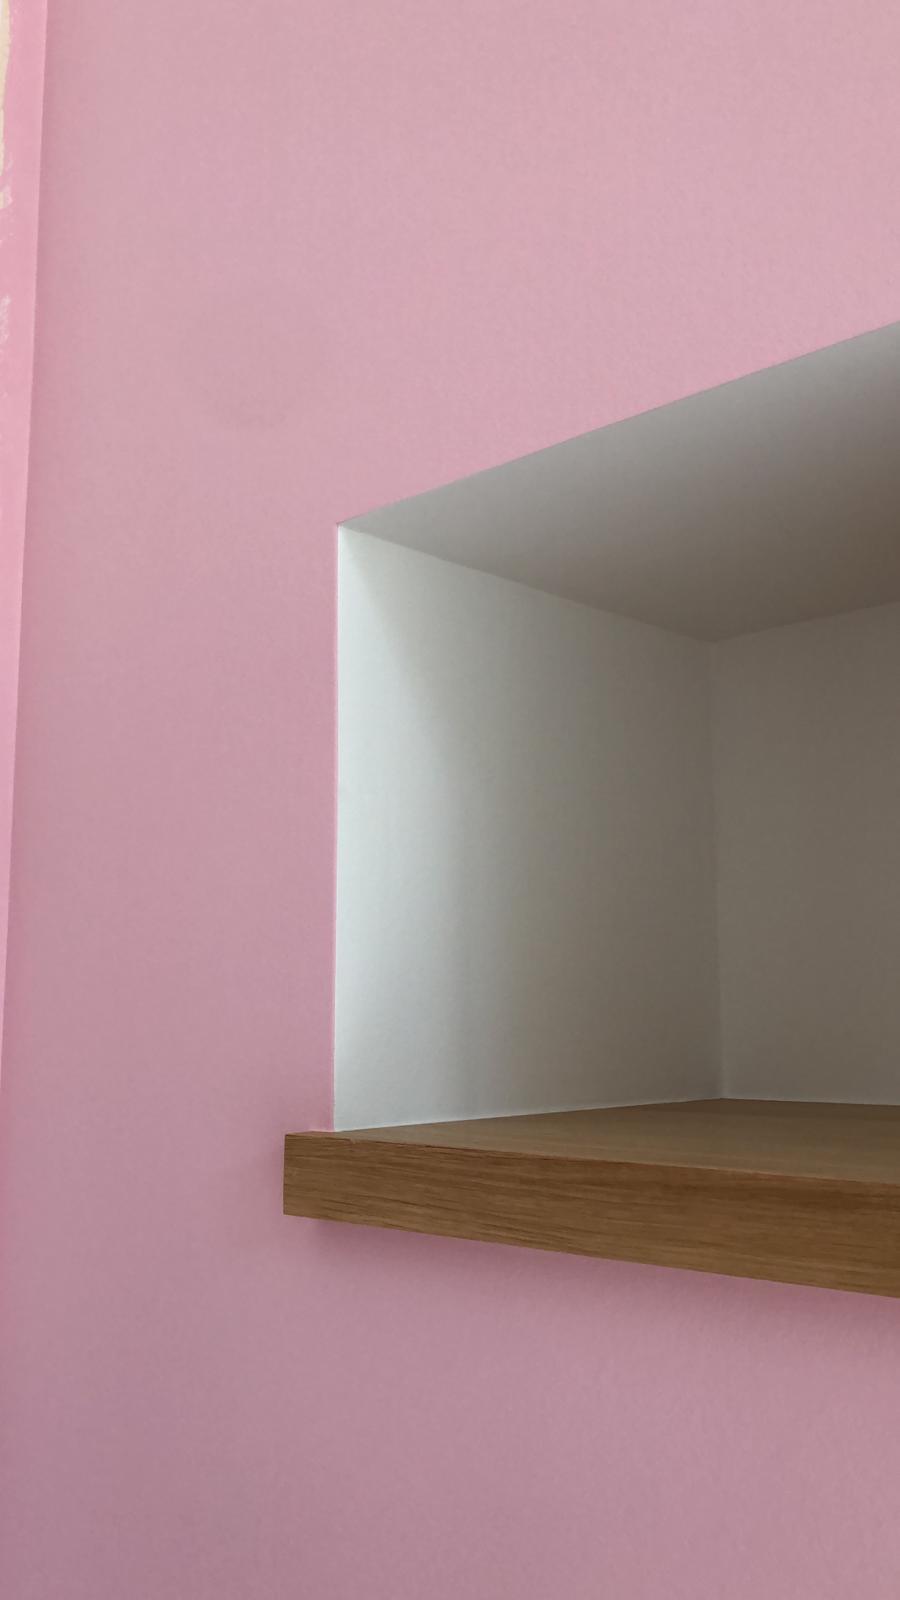 Décor en peinture acrylique mate sur une face de mur dans une chambre d'une fille